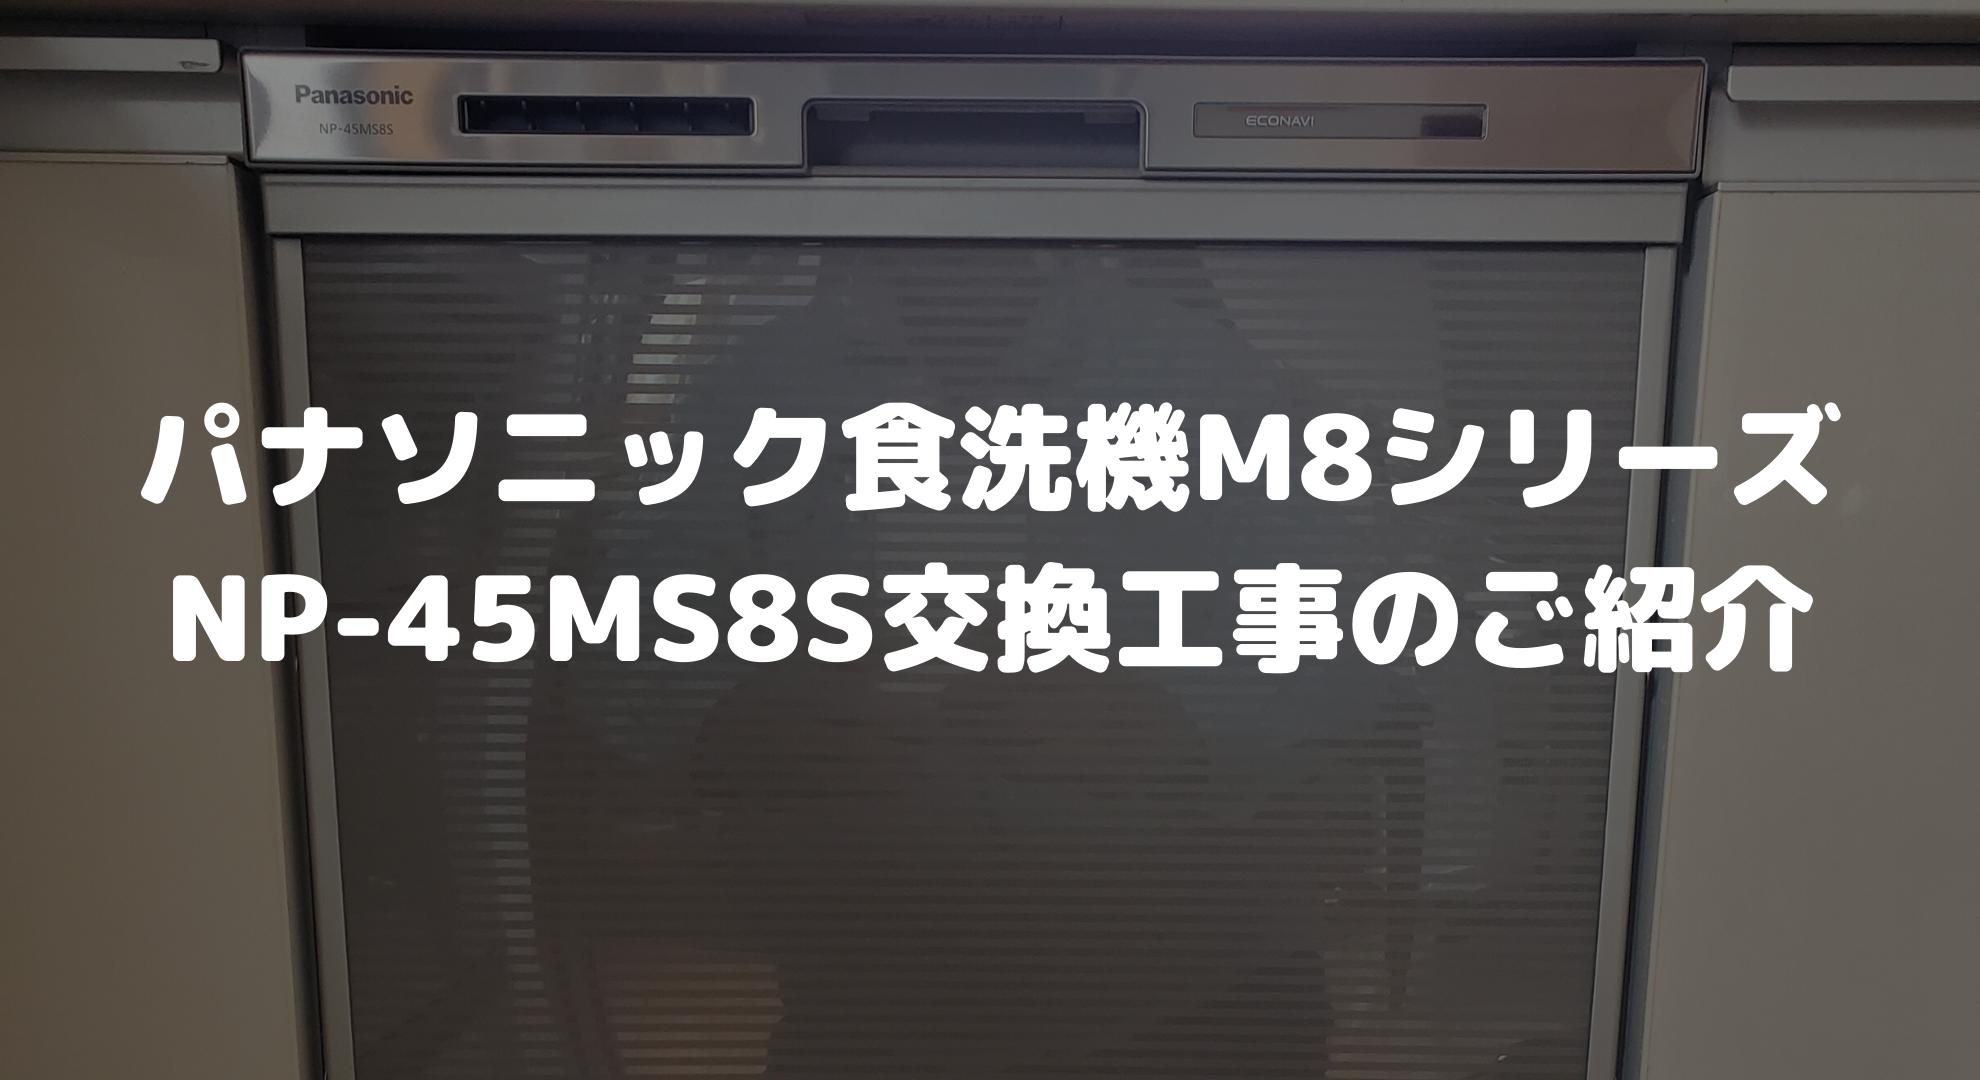 パナソニック食洗機M8シリーズ NP-45MS8S交換工事のご紹介